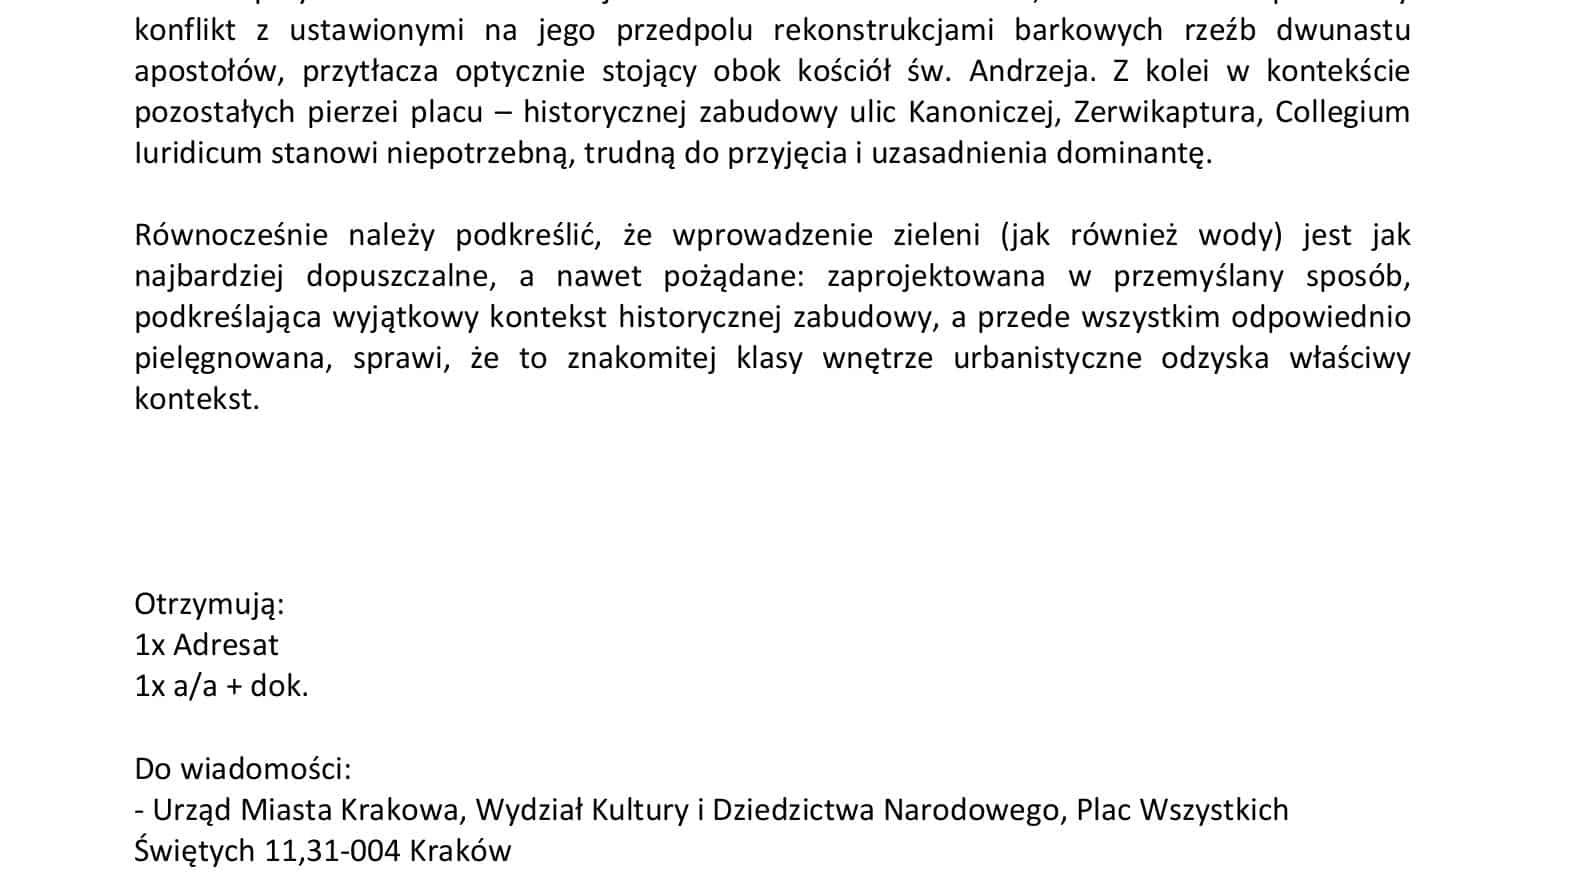 Fragment apelu prof. Moniki Bogdanowskiej o wprowadzenie na placu św. Marii Magdaleny zaprojektowanej w przemyślany sposób zieleni.